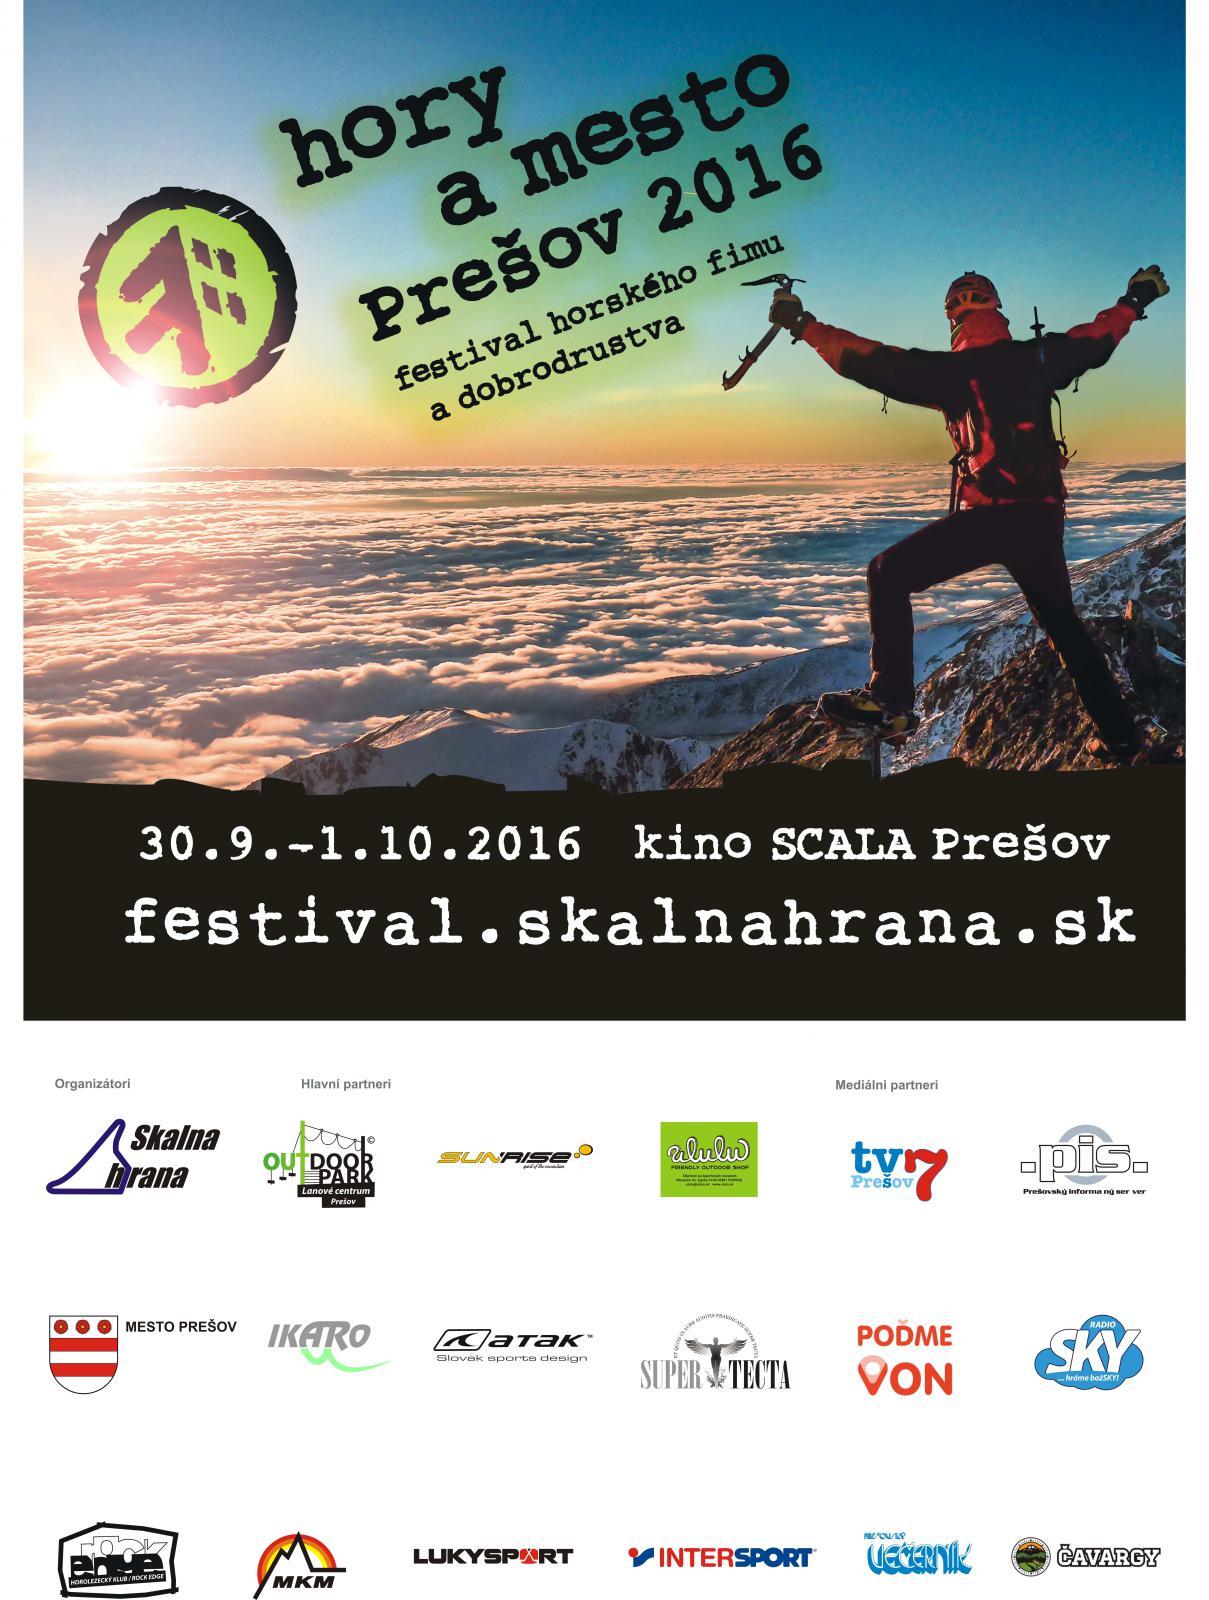 512b1ac1d4 Hory a mesto Prešov 2016